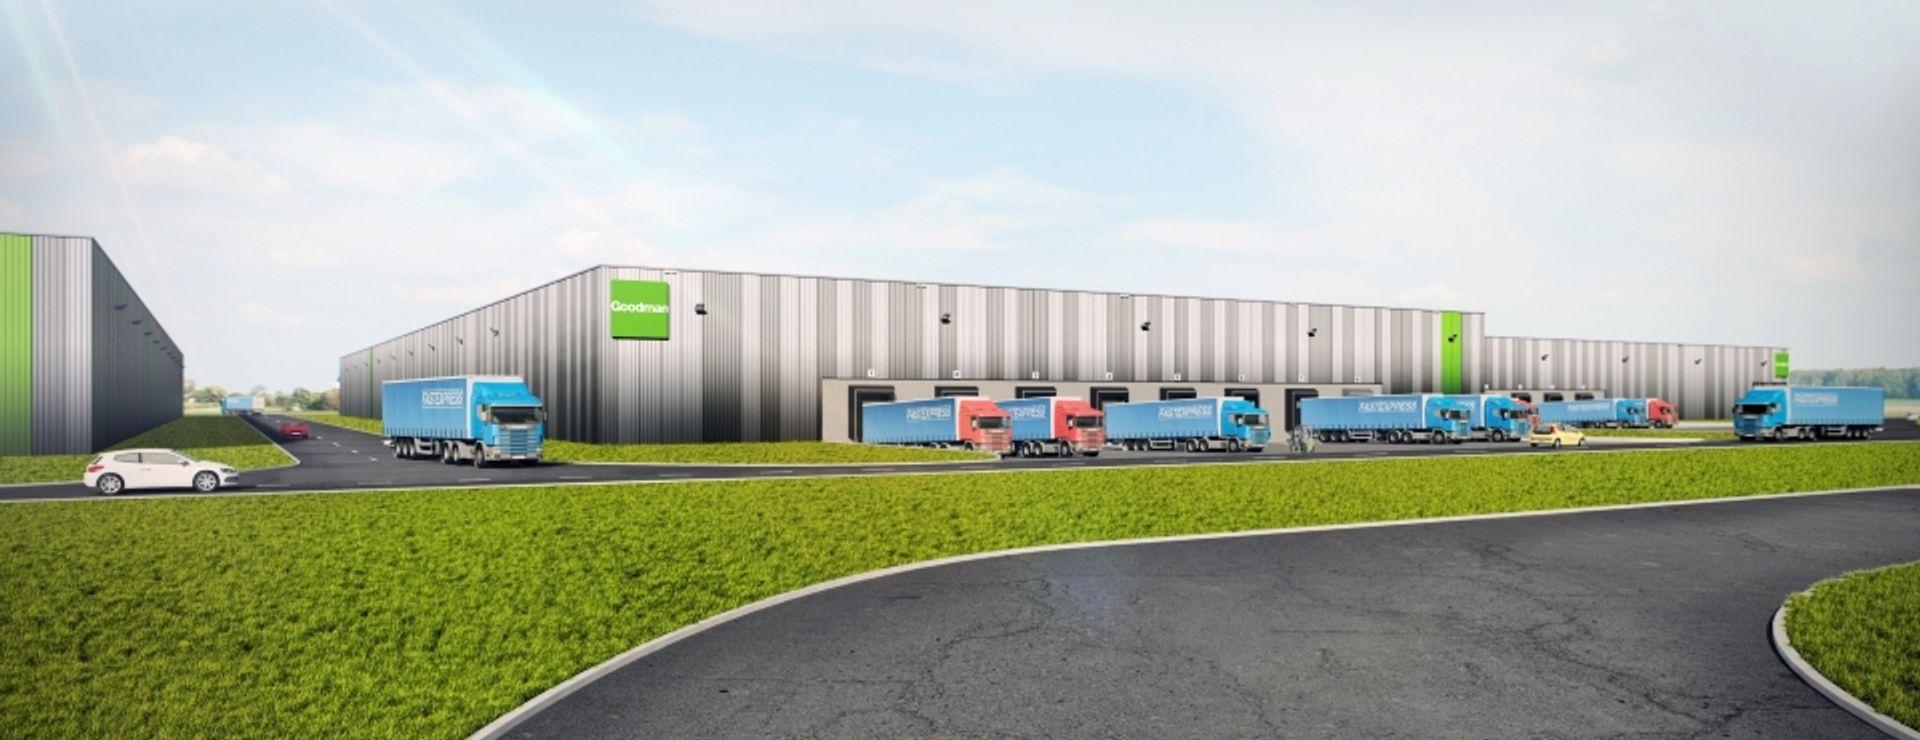 [Aglomeracja Wrocławska] Goodman wybuduje następne wielkie centrum magazynowe [WIZUALIZACJE]